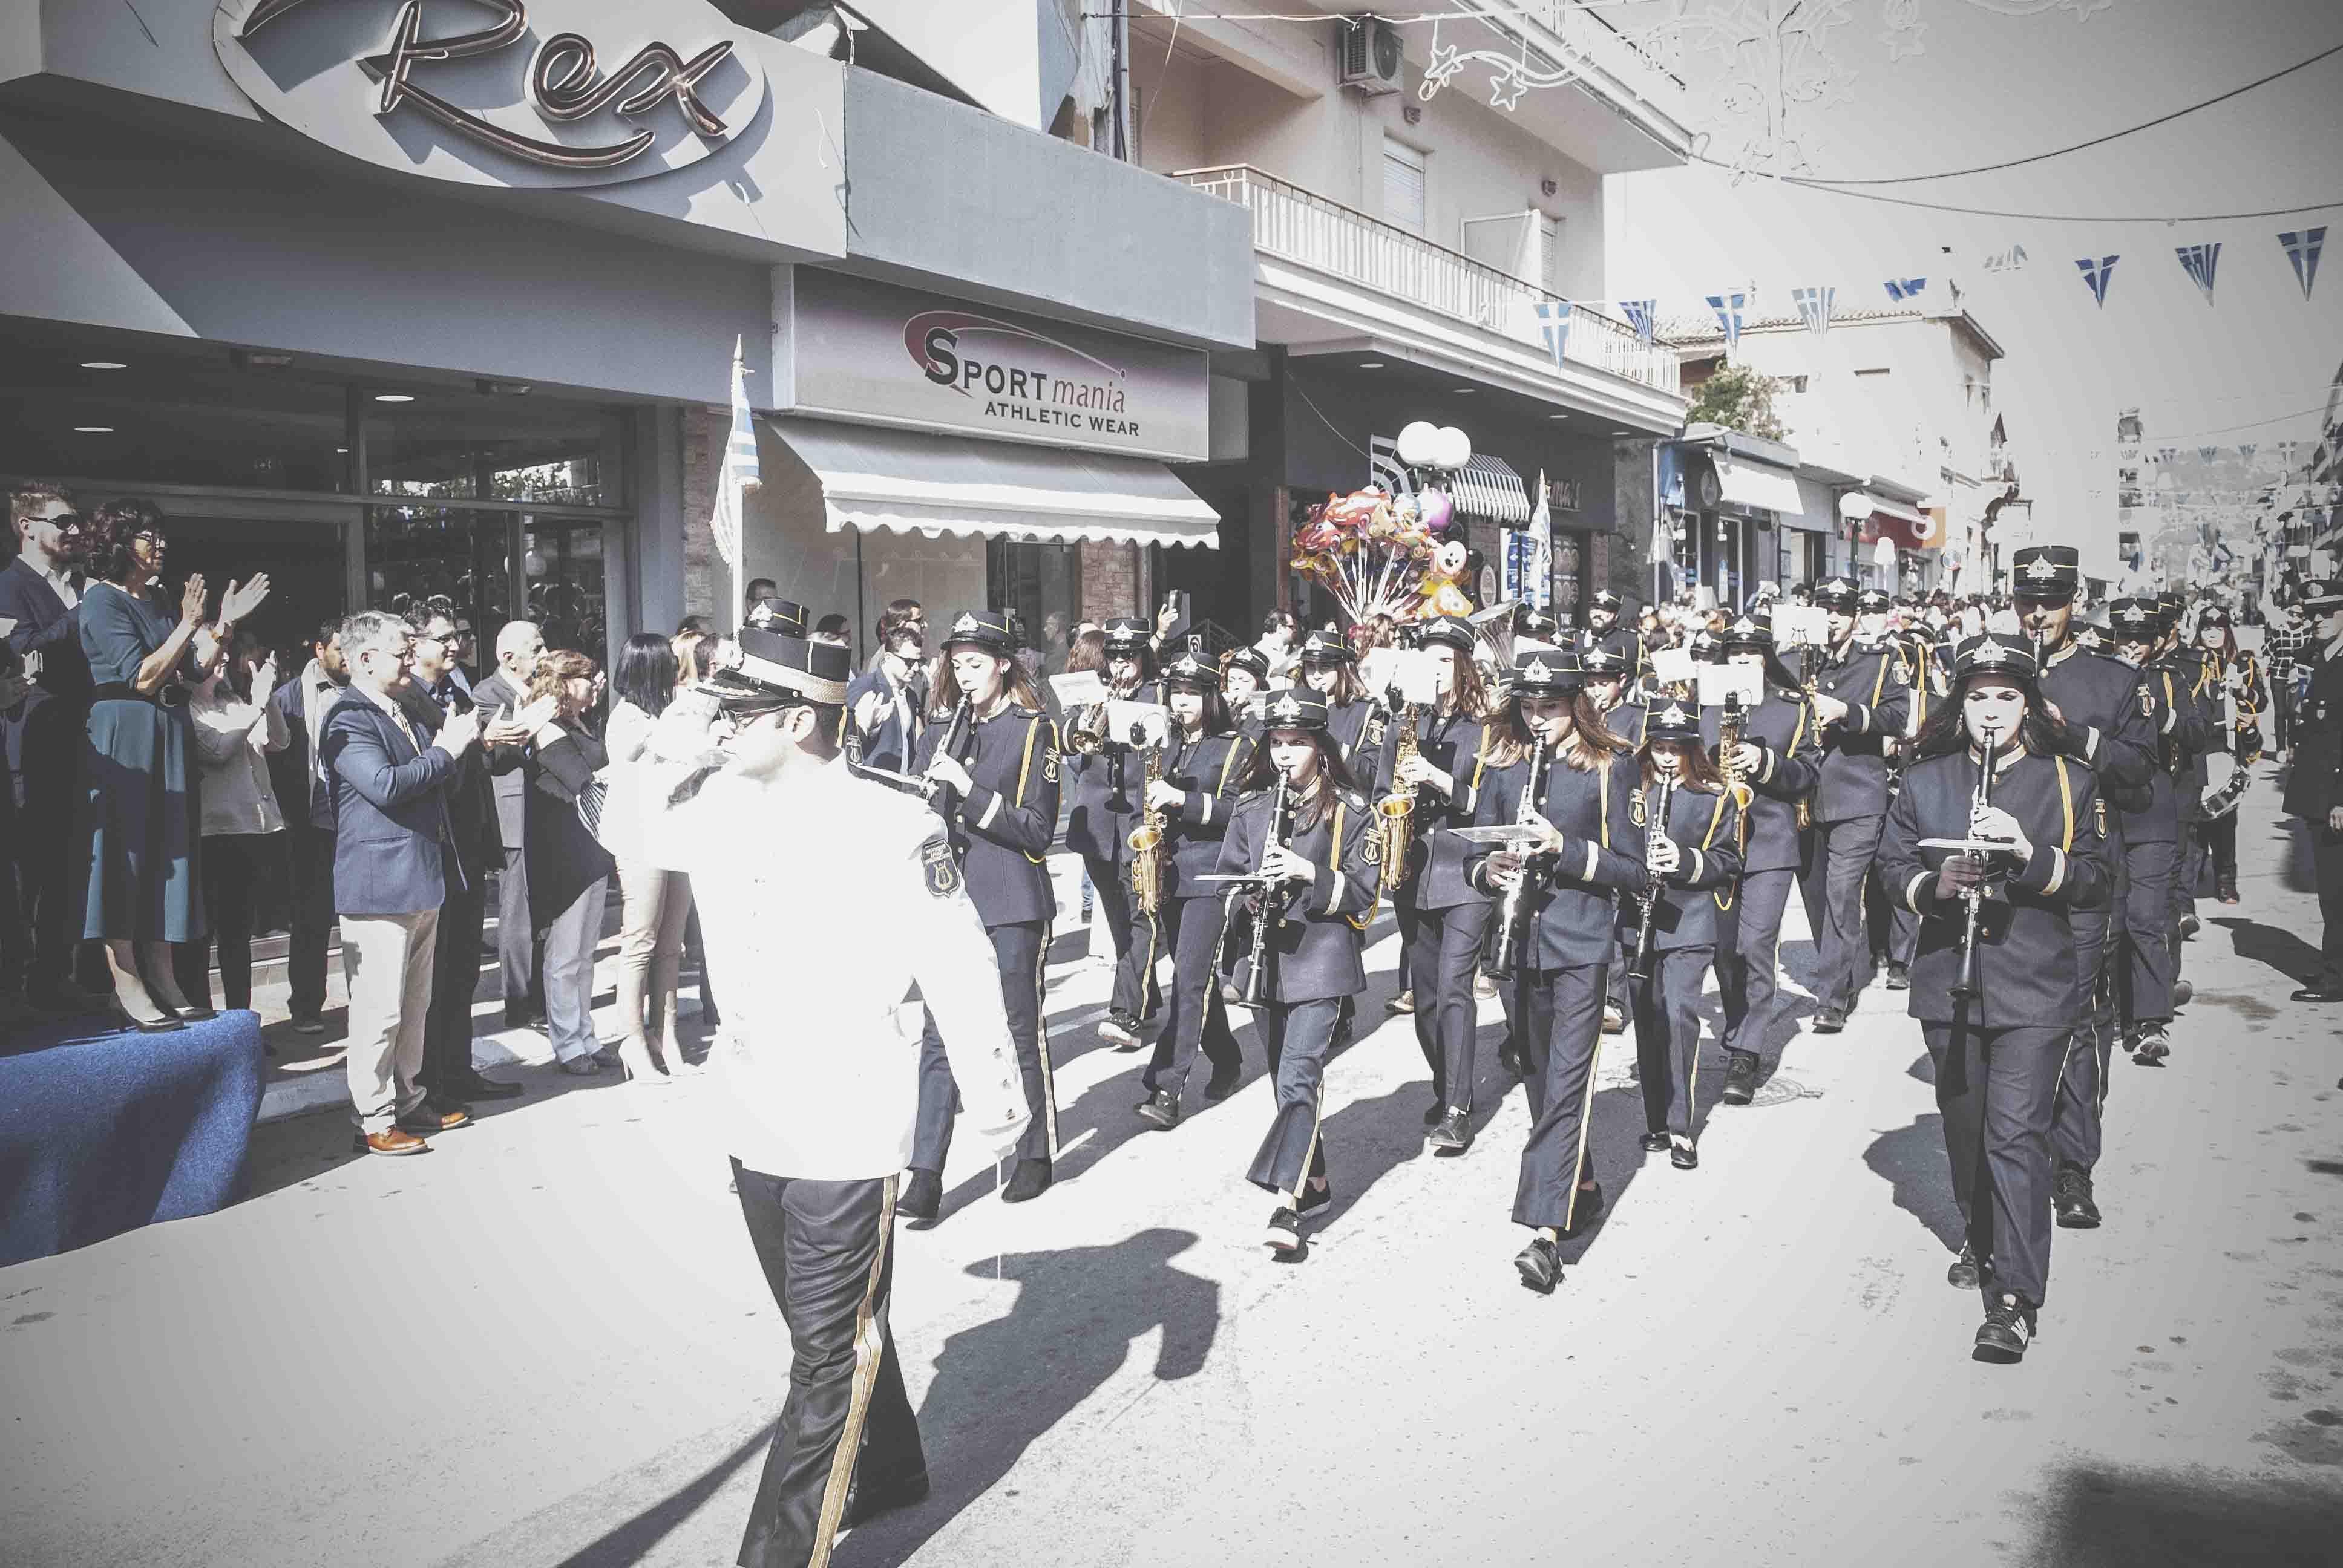 Φωτογραφικό υλικό από την παρέλαση στα Ψαχνά Φωτογραφικό υλικό από την παρέλαση στα Ψαχνά DSC 0309